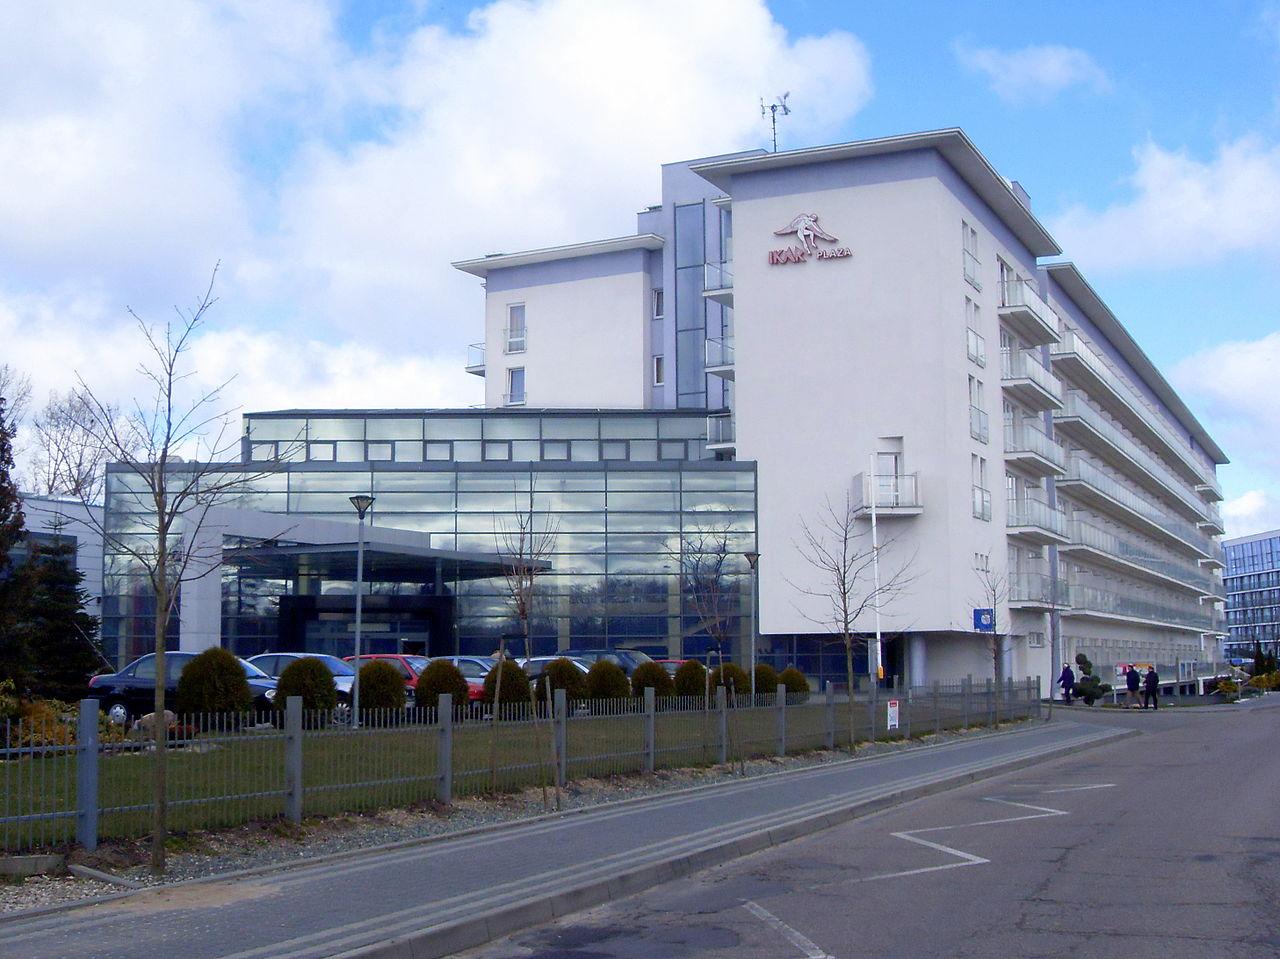 Ikar Plaza Hotel Kolobrzeg Spa W Kolobrzegu Noclegi Kolobrzeg Kolobrzeg